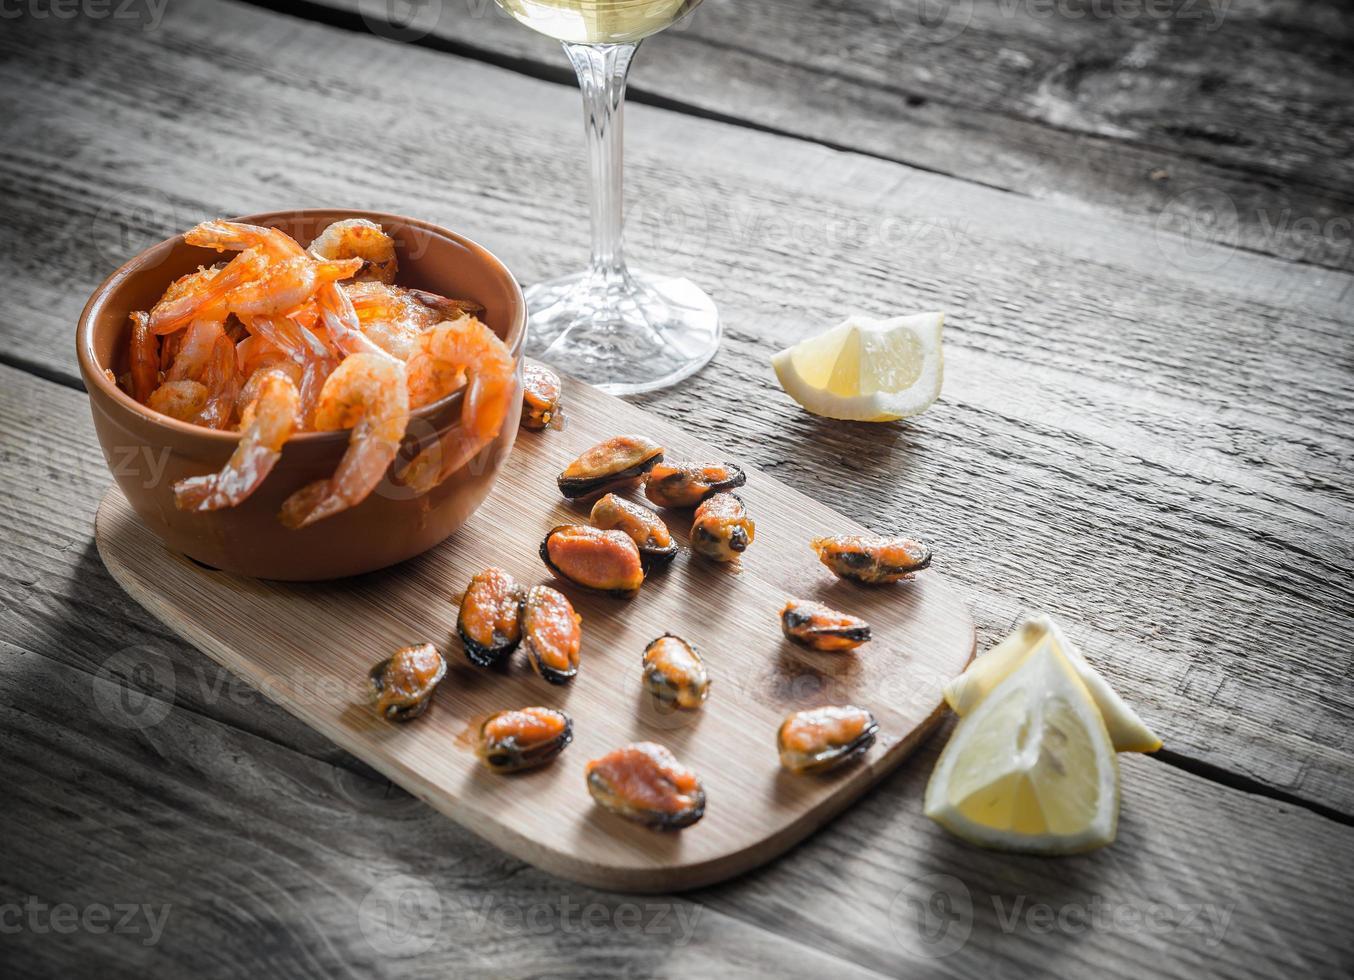 crevettes et moules frites avec verre de vin blanc photo